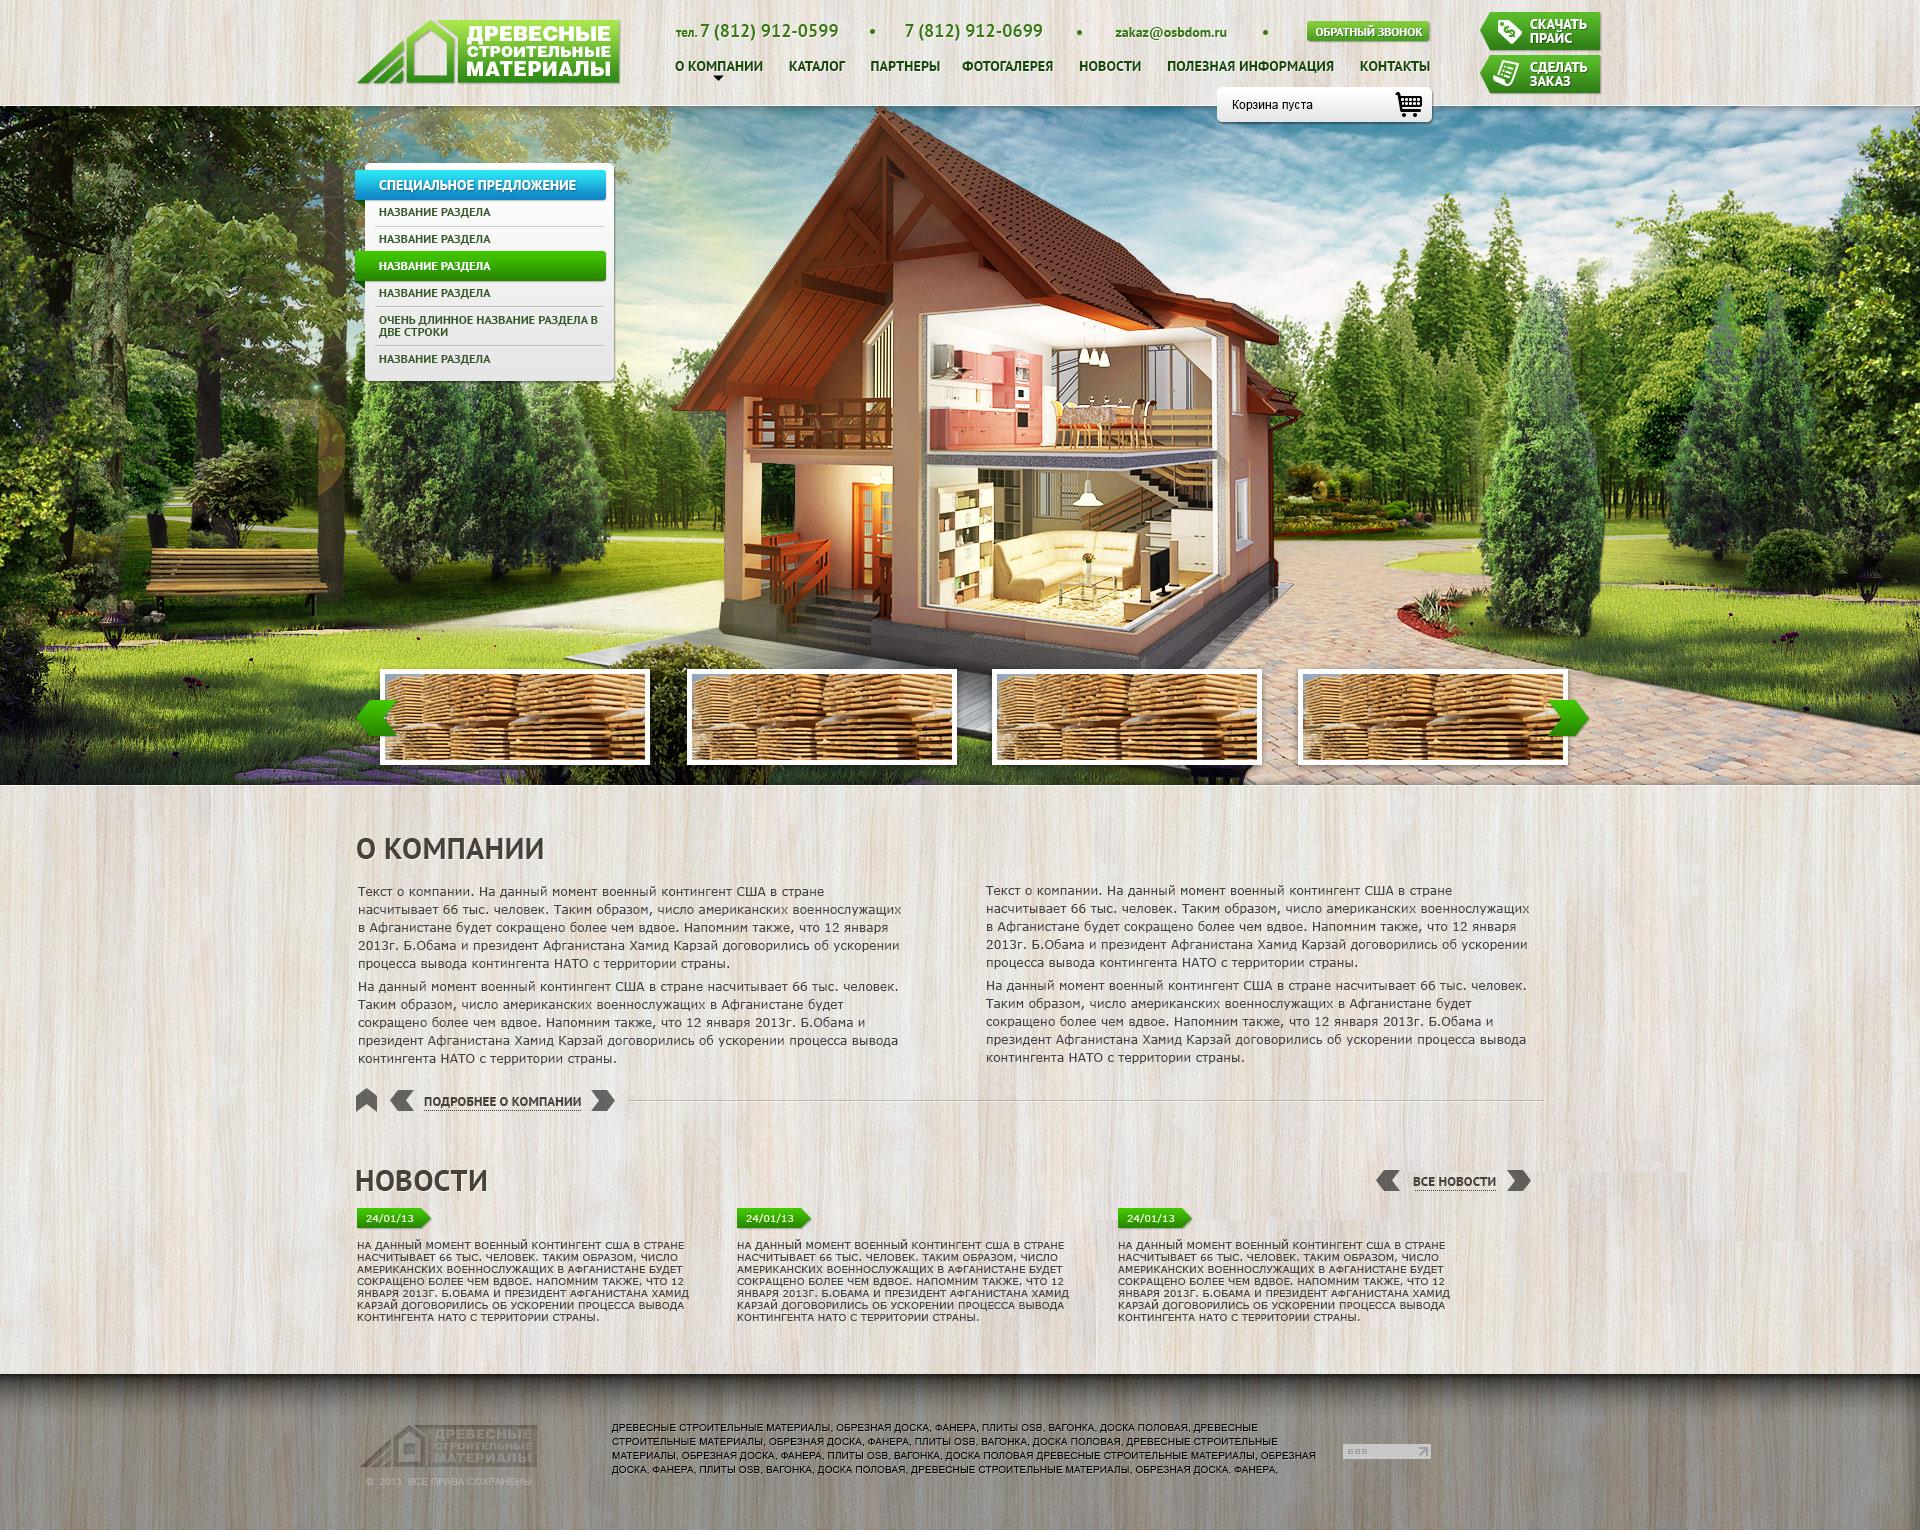 Сайт компании строительных материалов